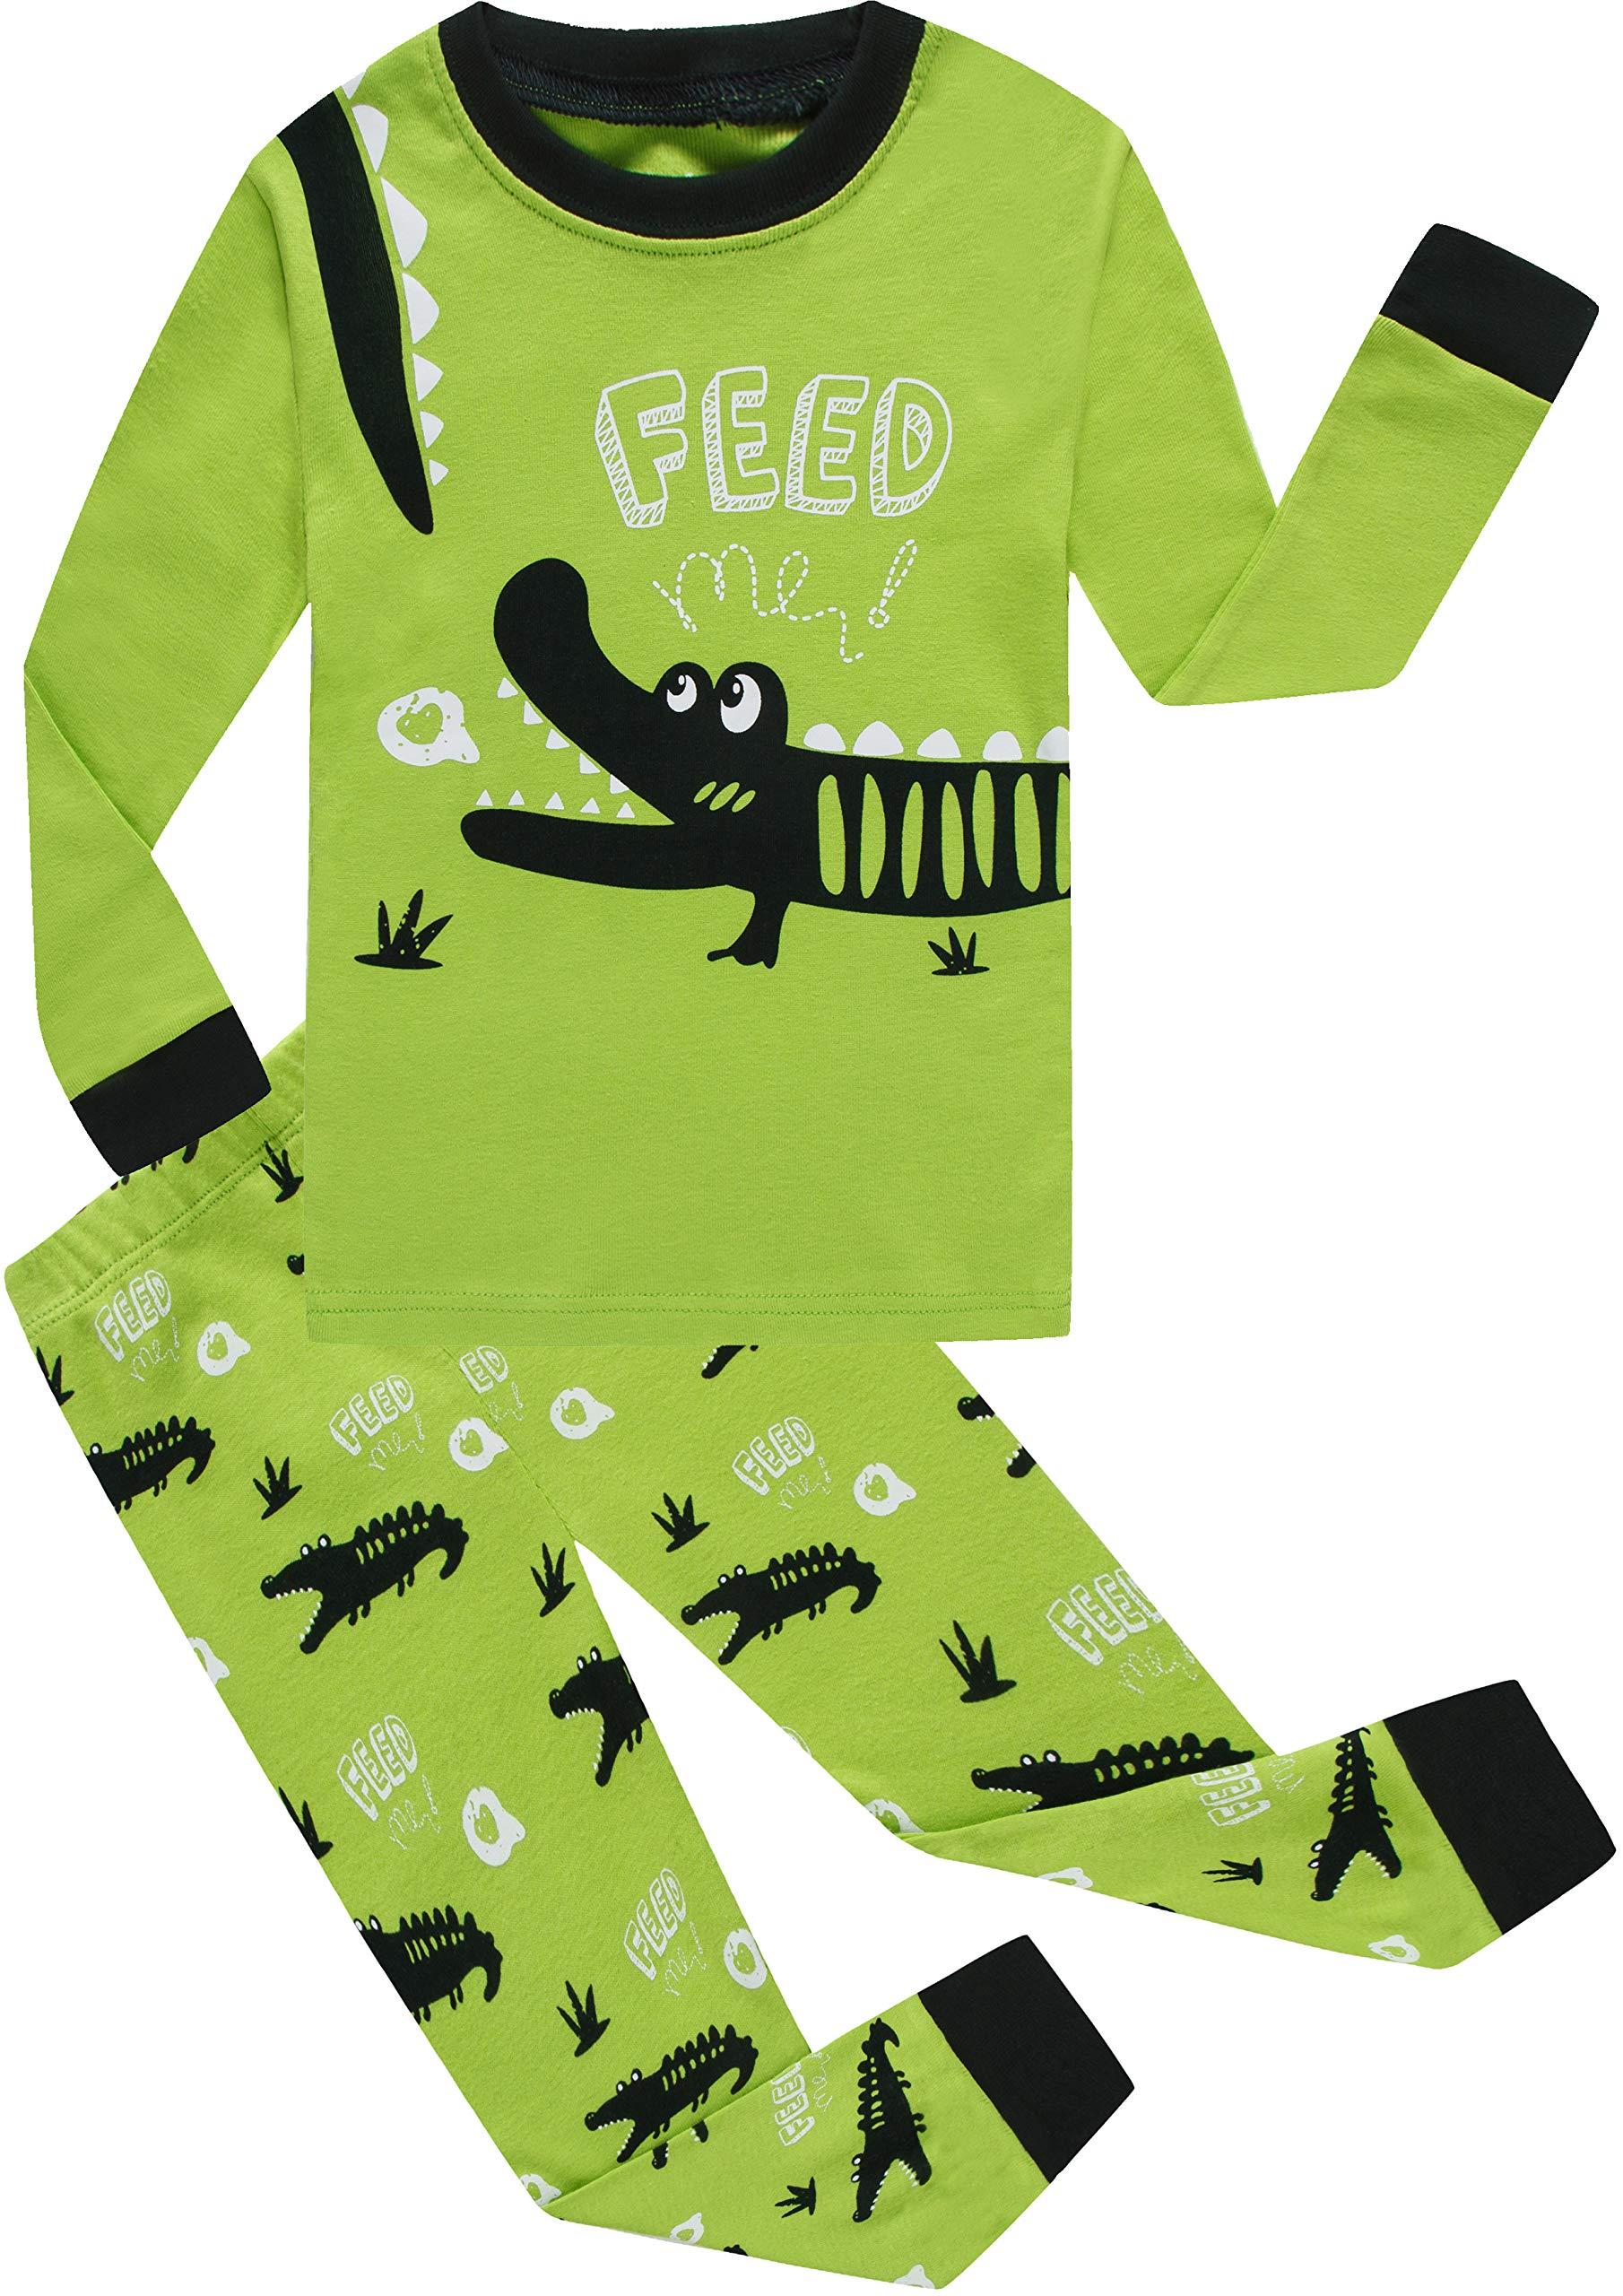 Boys Alligator Pajamas Sets 100% Cotton Pjs Toddler Kids Pj Long Sleeves Sleepwear Size 4t